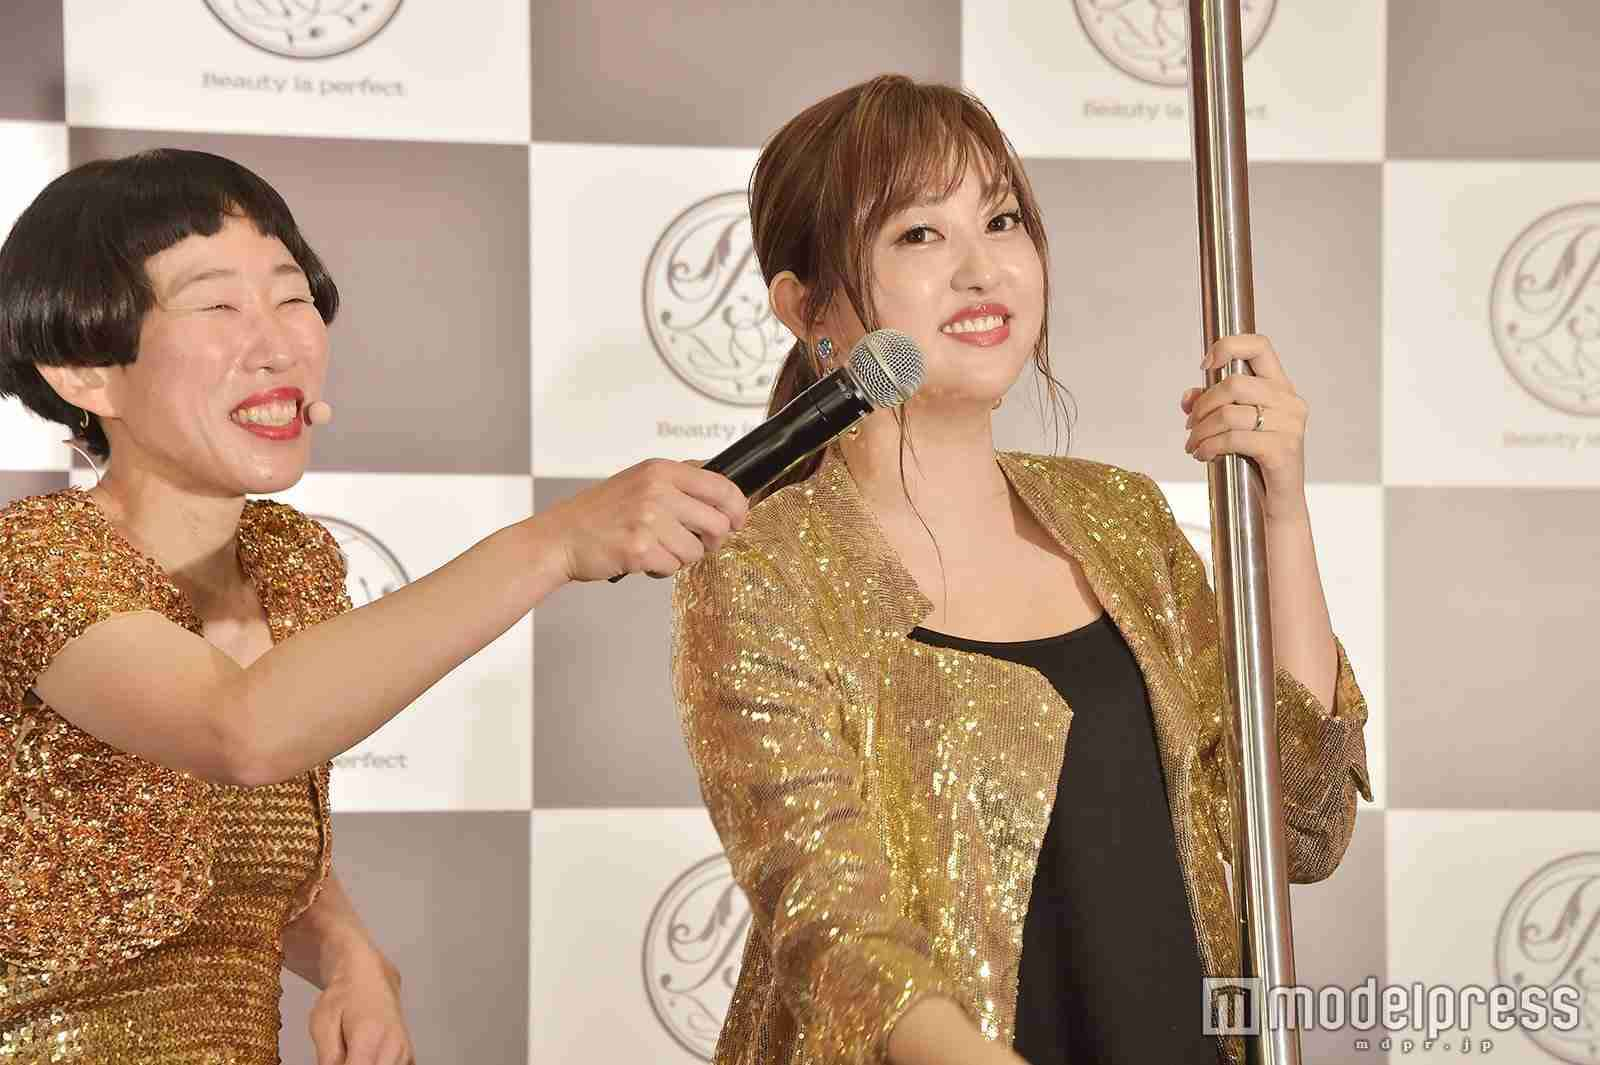 菊地亜美、奥様枠でテレビ出演 オフショットが「雰囲気違う」「漂う人妻感」と話題